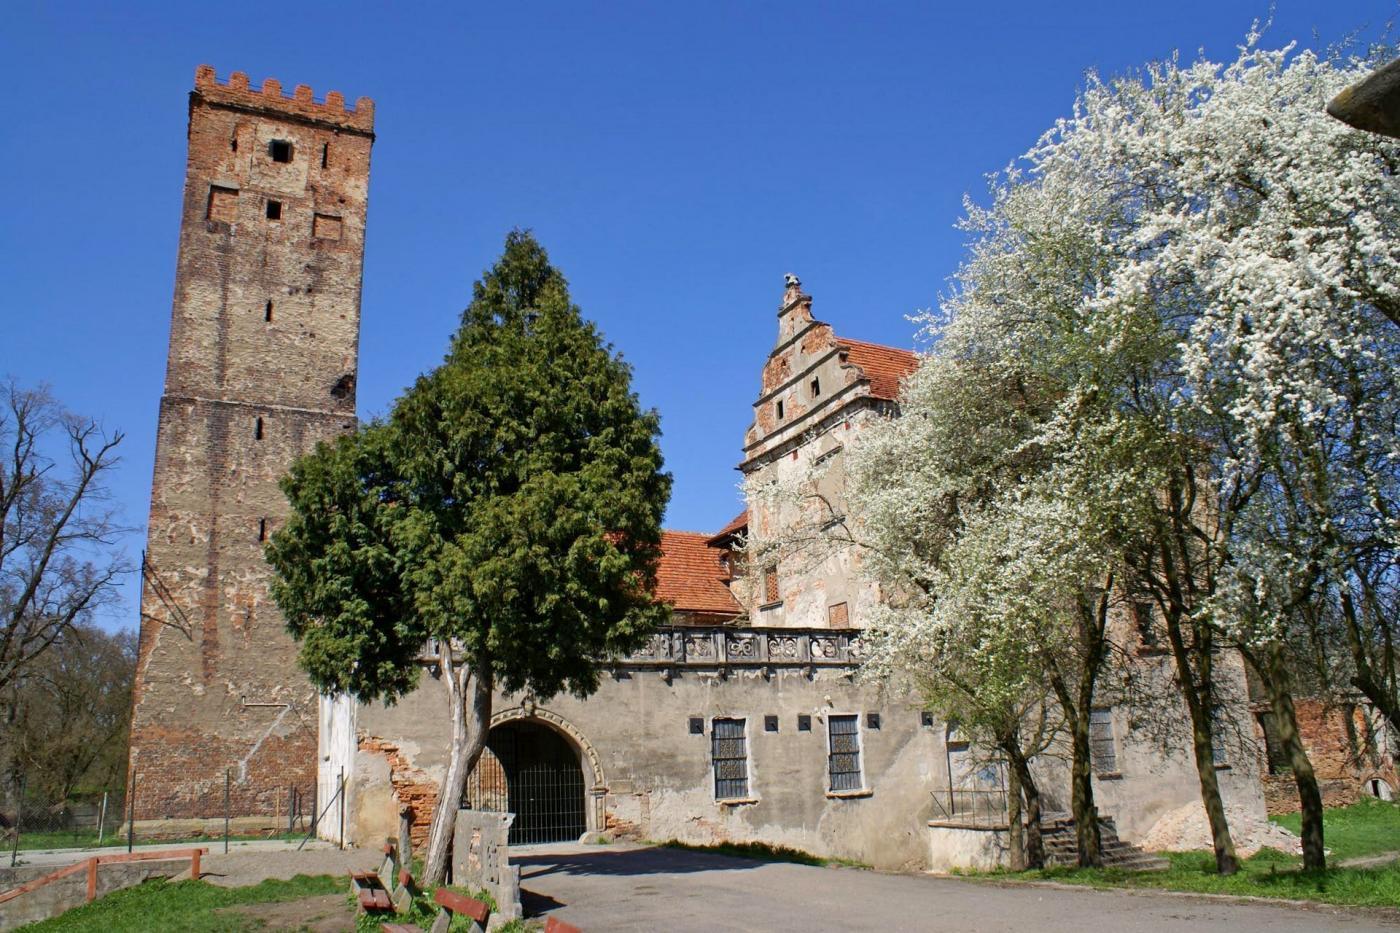 Zamek w Prochowicach. Fot. Barbara Maliszewska, CC BY-SA.3.0